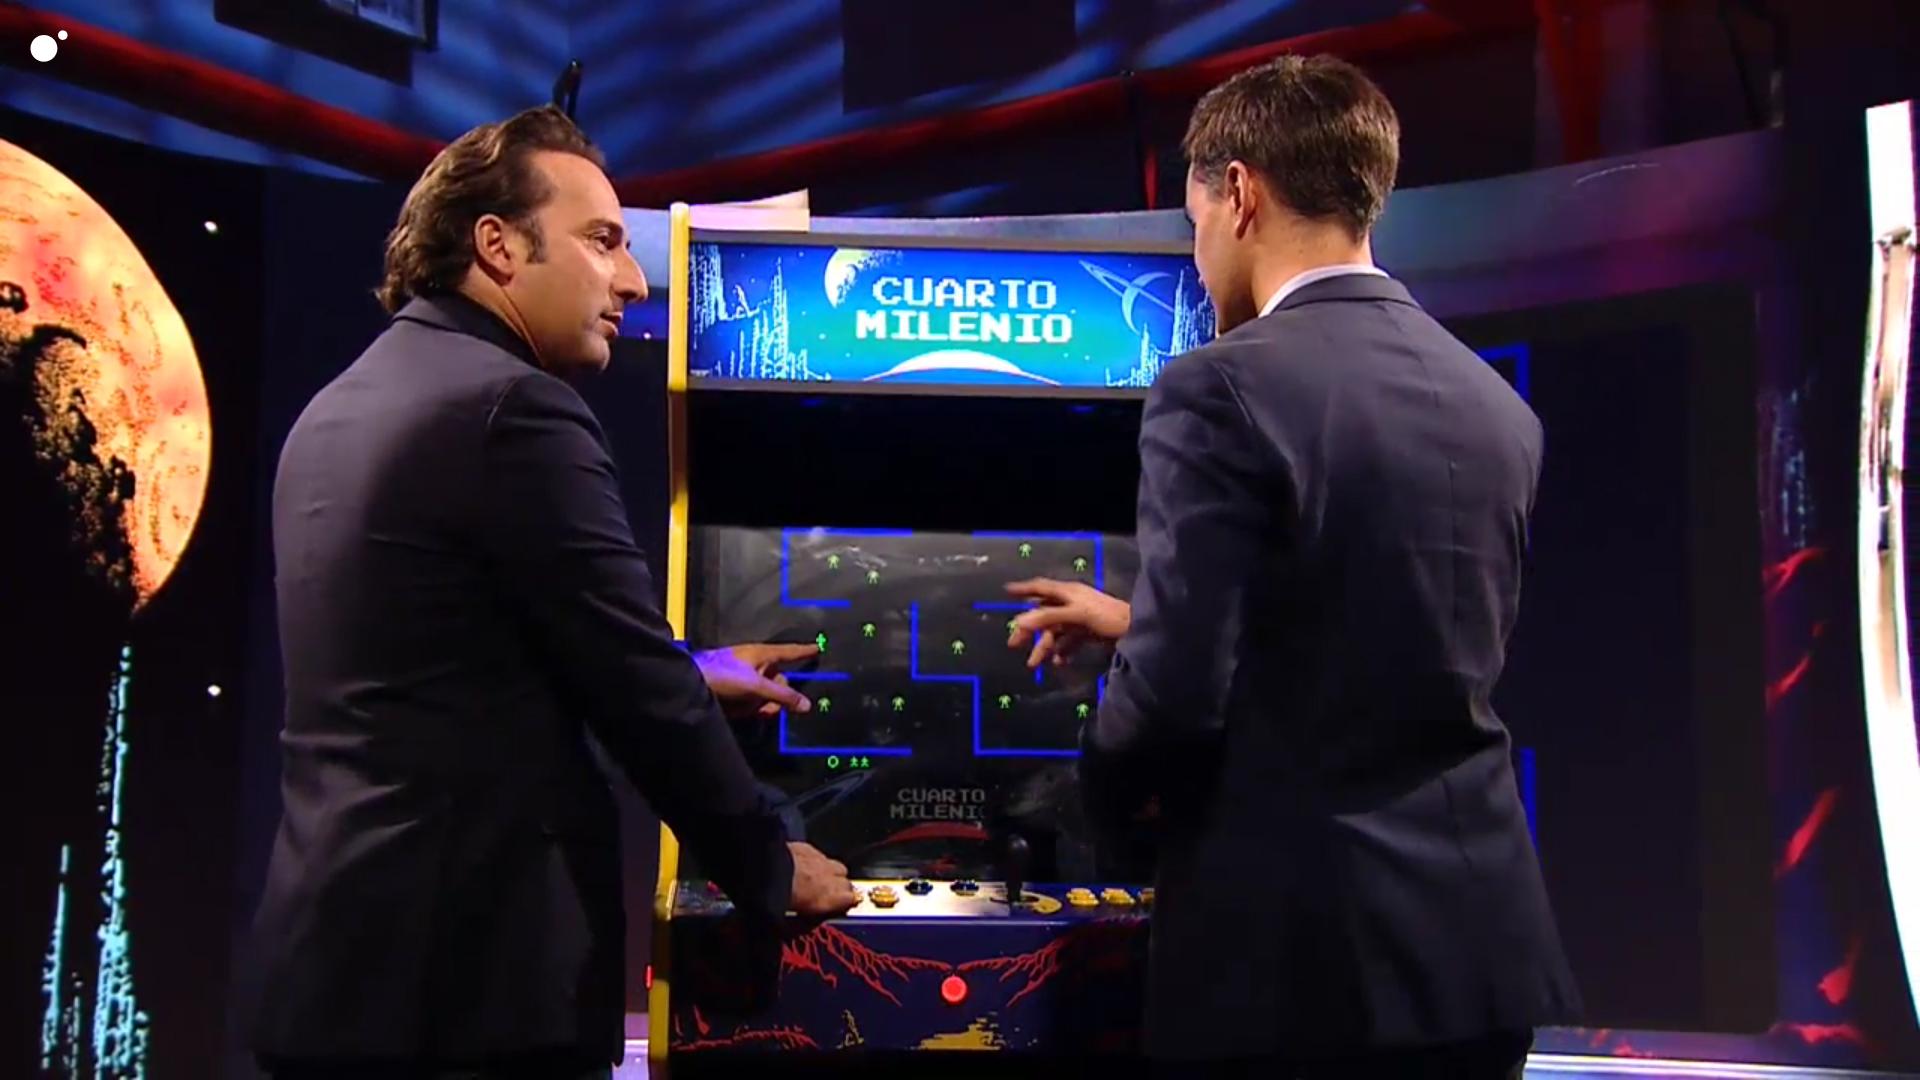 Iker Jiménez juega en Retroarcade: la nueva sección de Cuarto Milenio